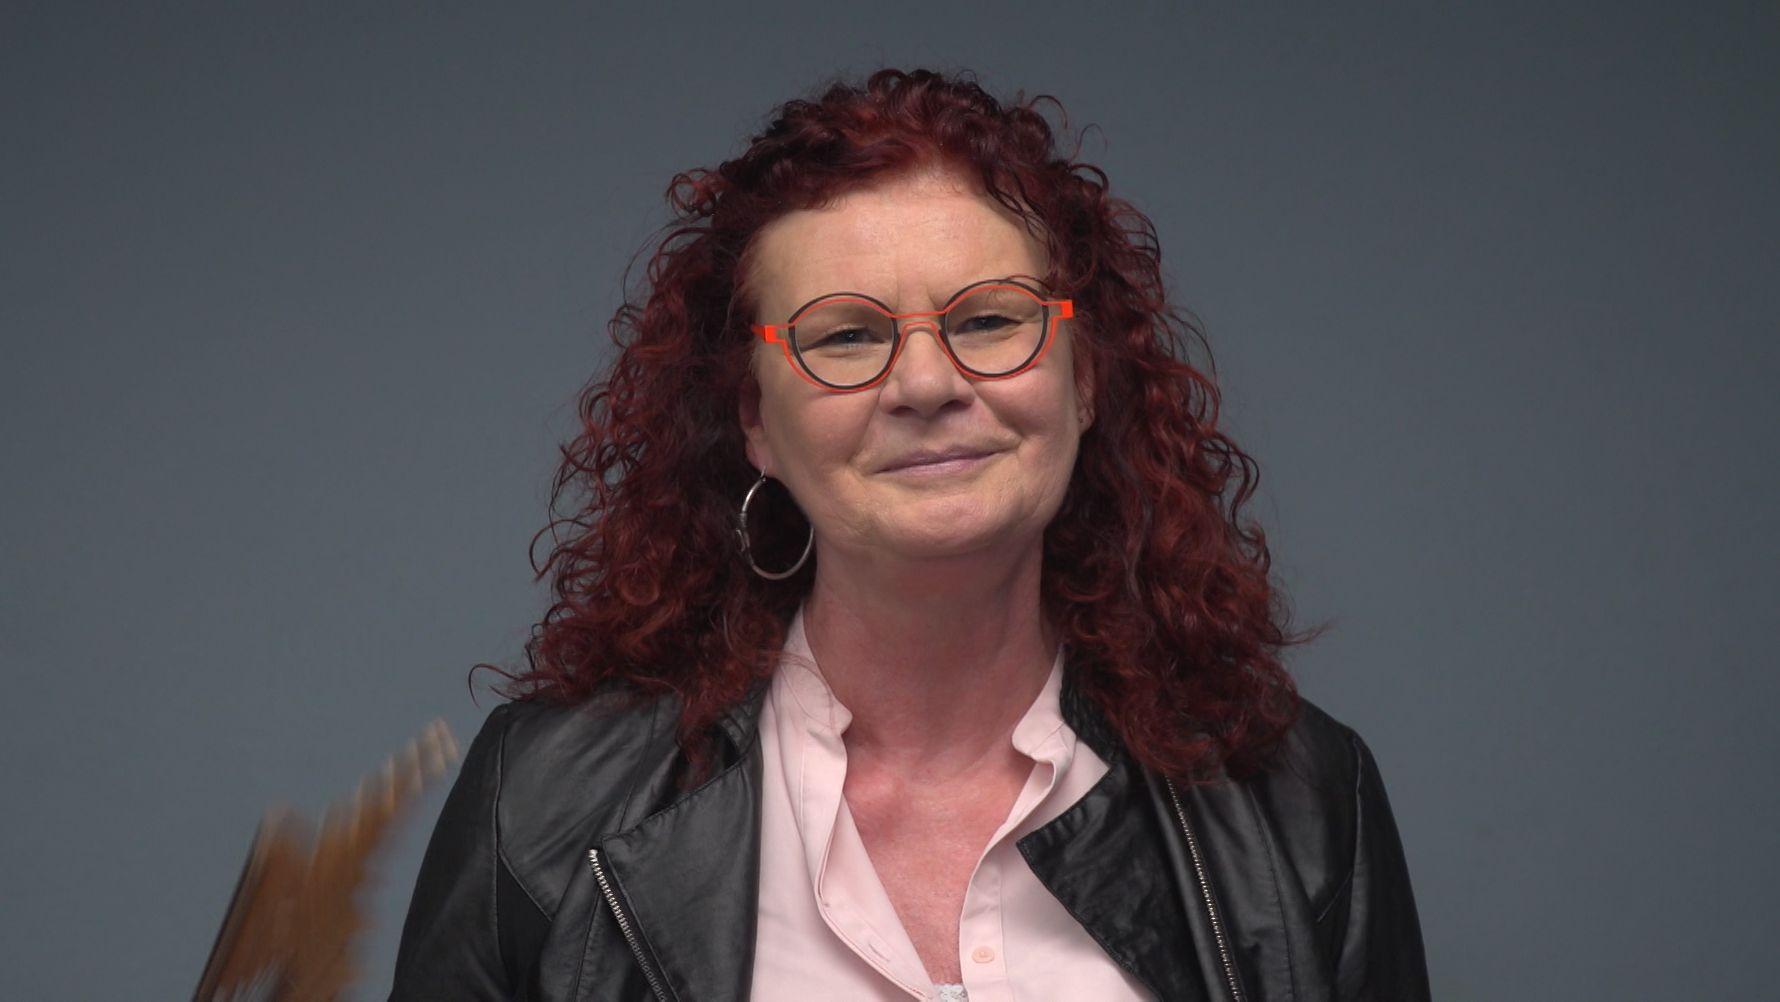 Kerstin-Westphal, OB-Kandidatin der SPD in Würzburg